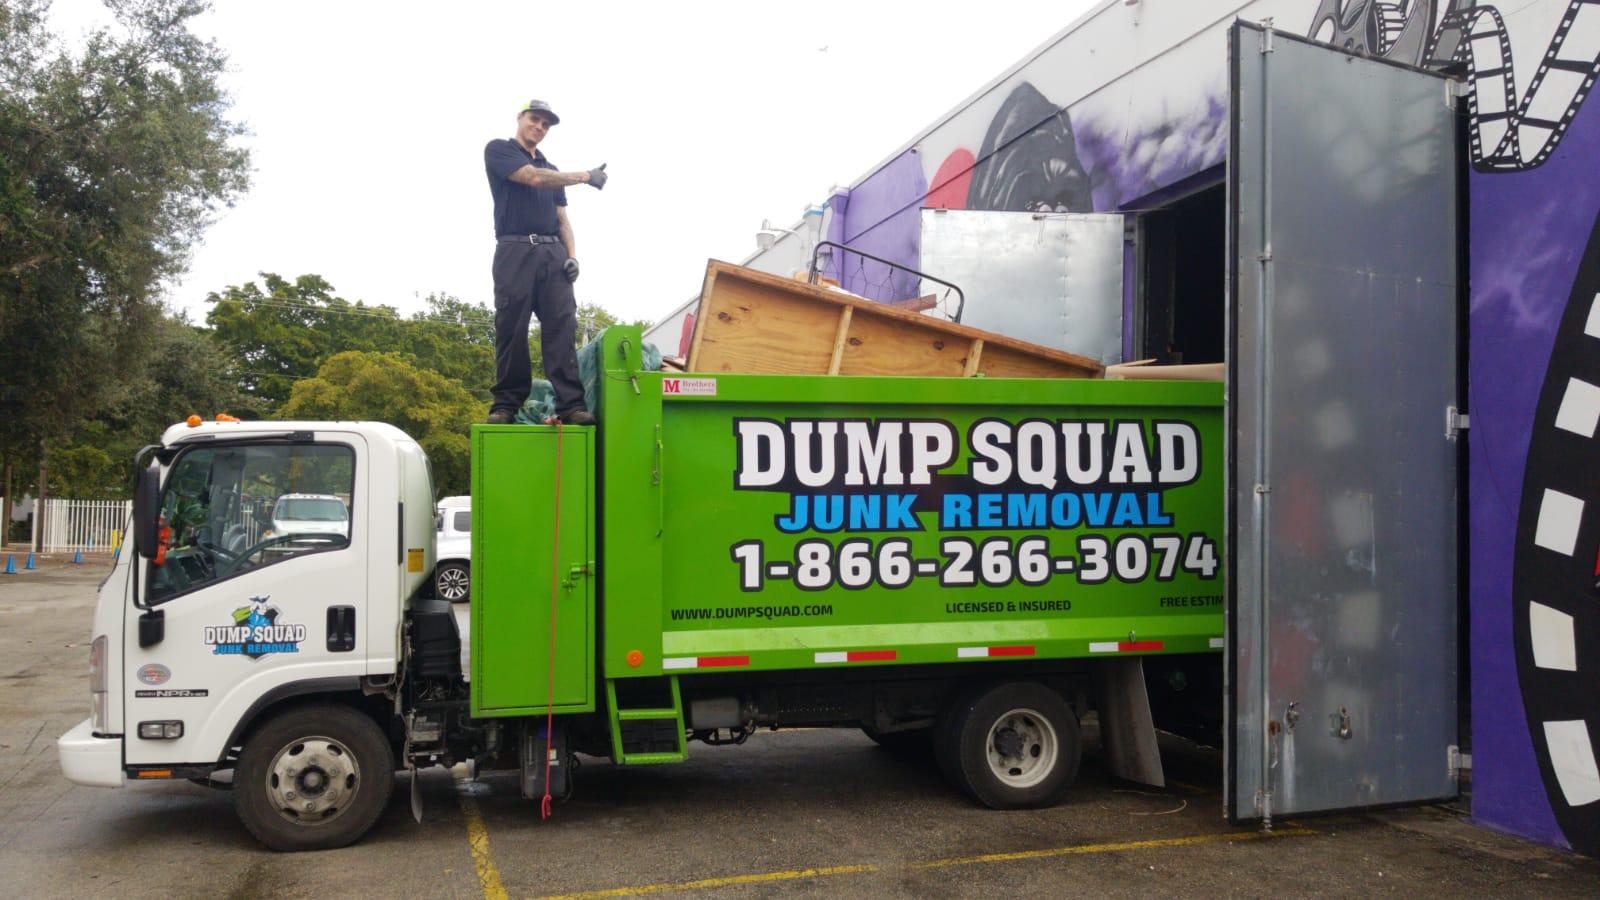 Junk Removal Dumpster Rental Fort Lauderdale Fl Dump Squad